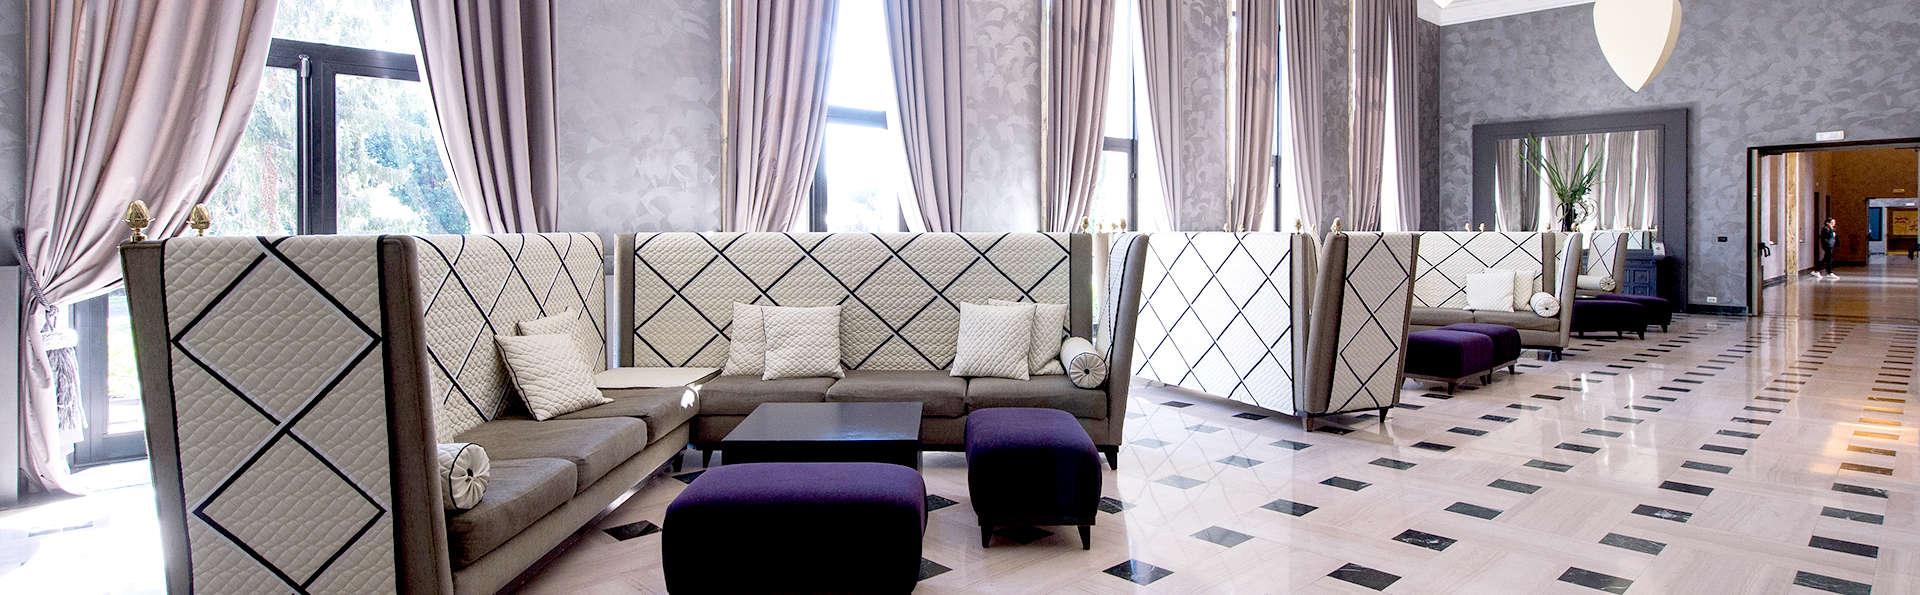 Luxe et élégance dans un chambre deluxe à Rome